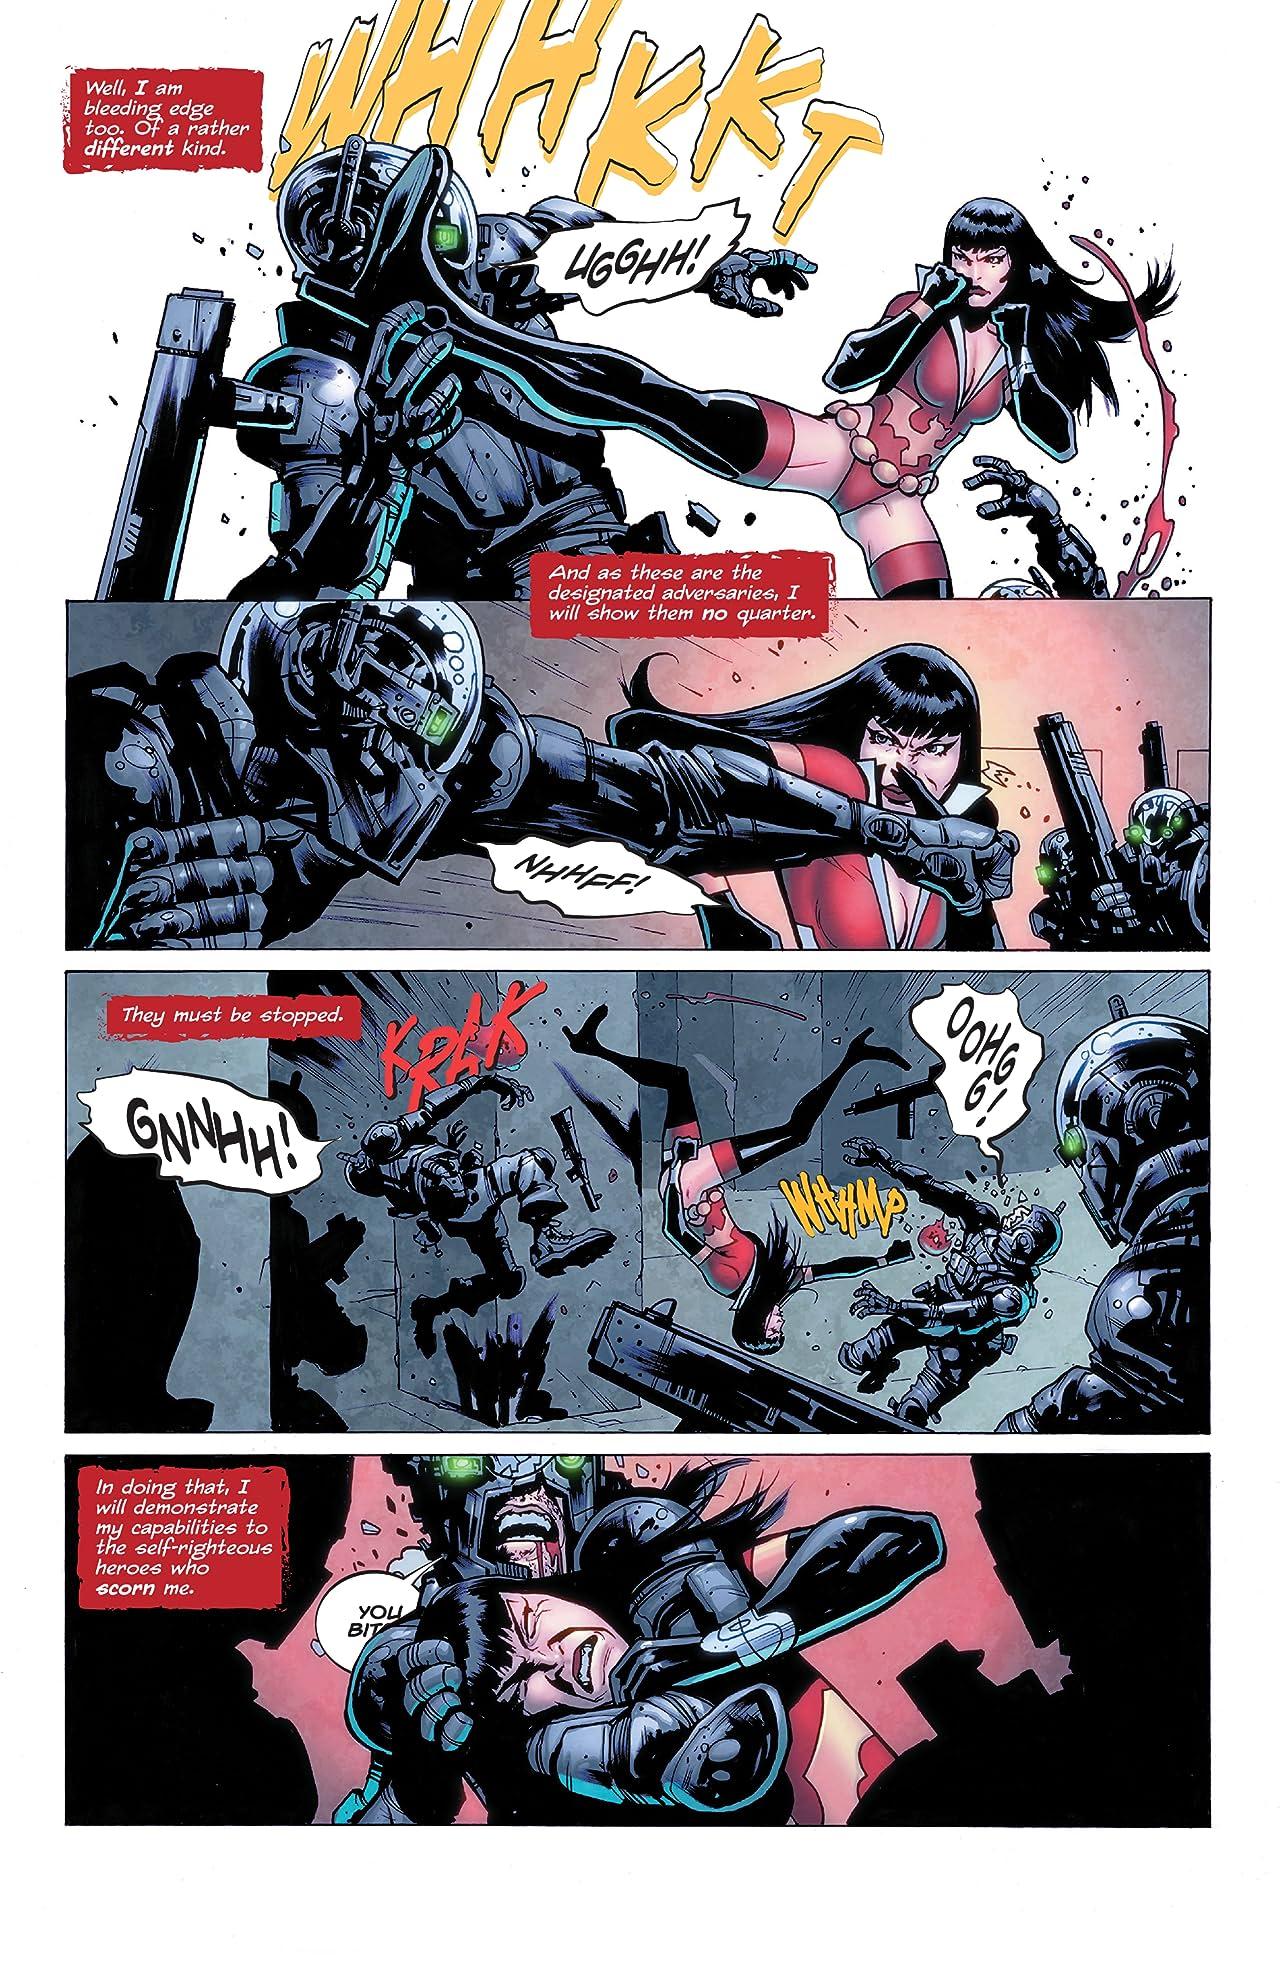 Vampirella: The Dark Powers #1